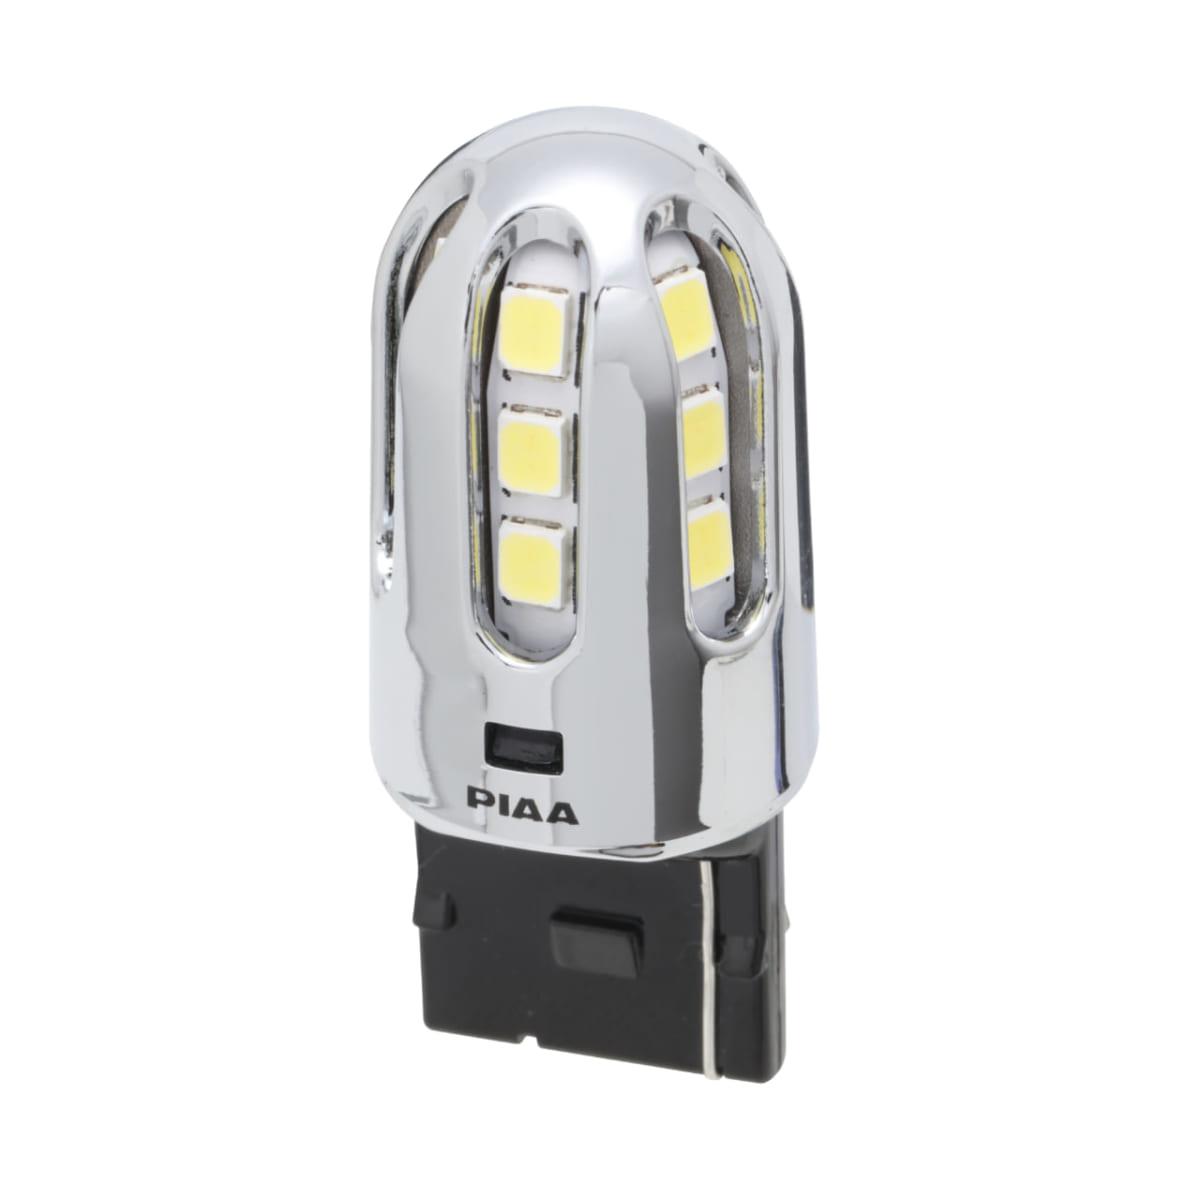 PIAA ピア LED バルブ ウインカー バックランプ